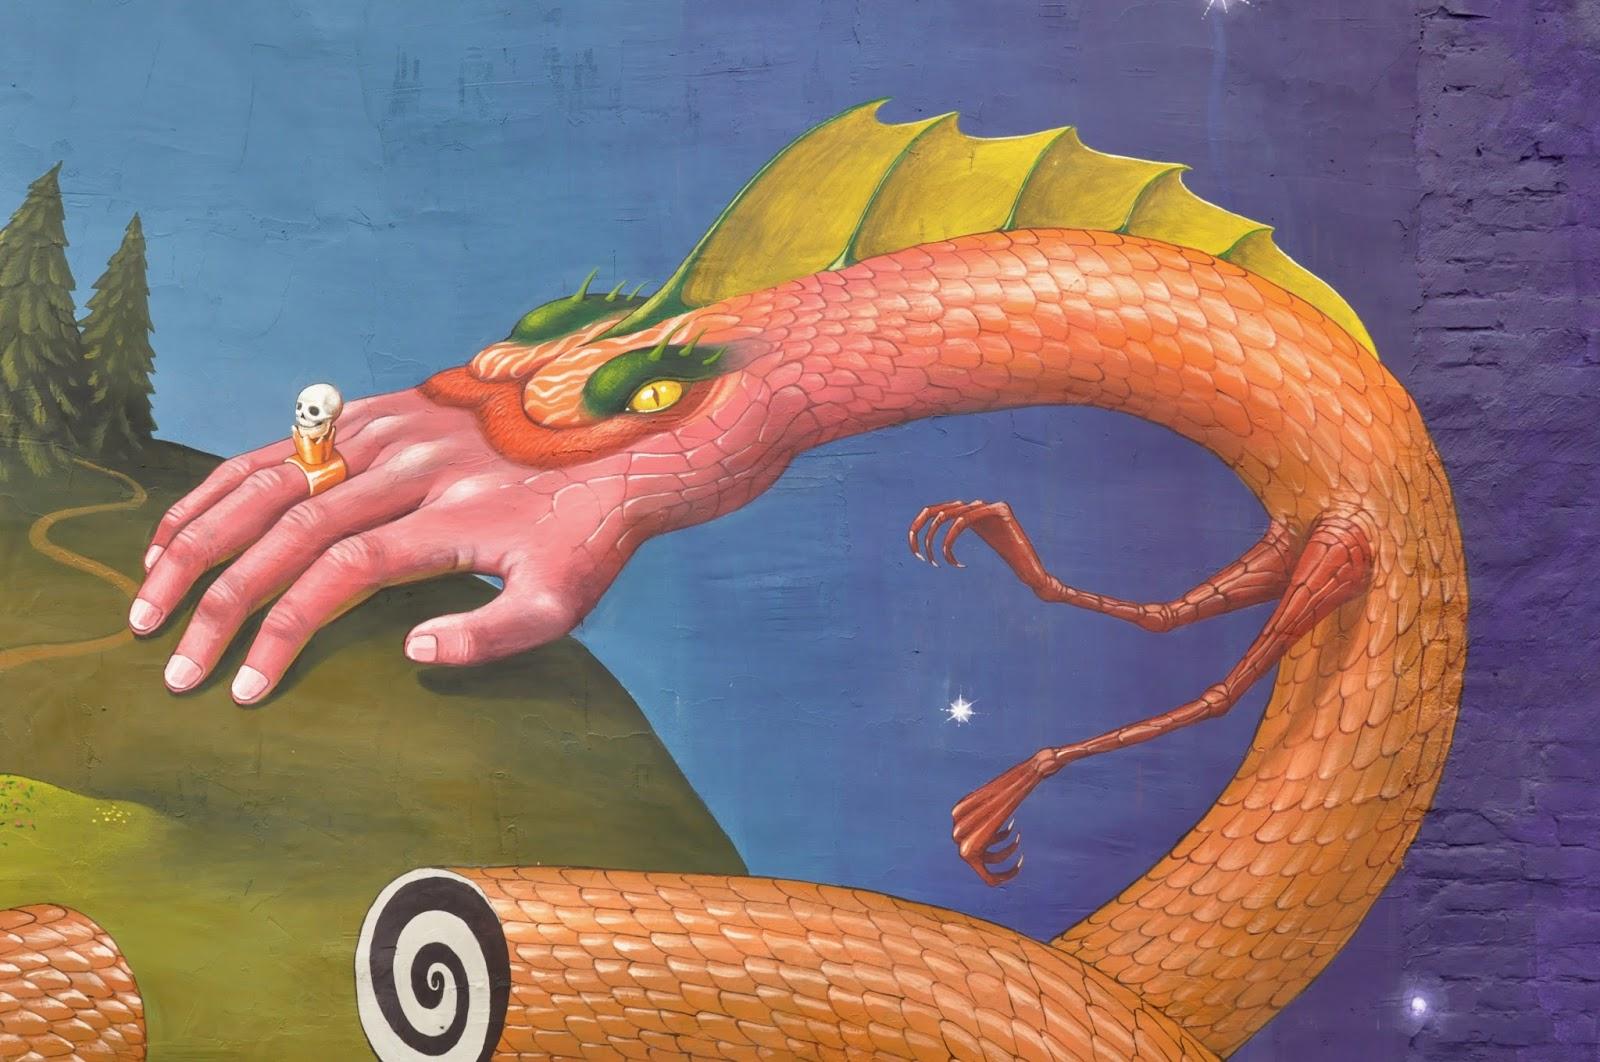 Святой Юрий граффити Interesni Kazki Aec Большая Житомирская, 38 фрагмент, рука-змея